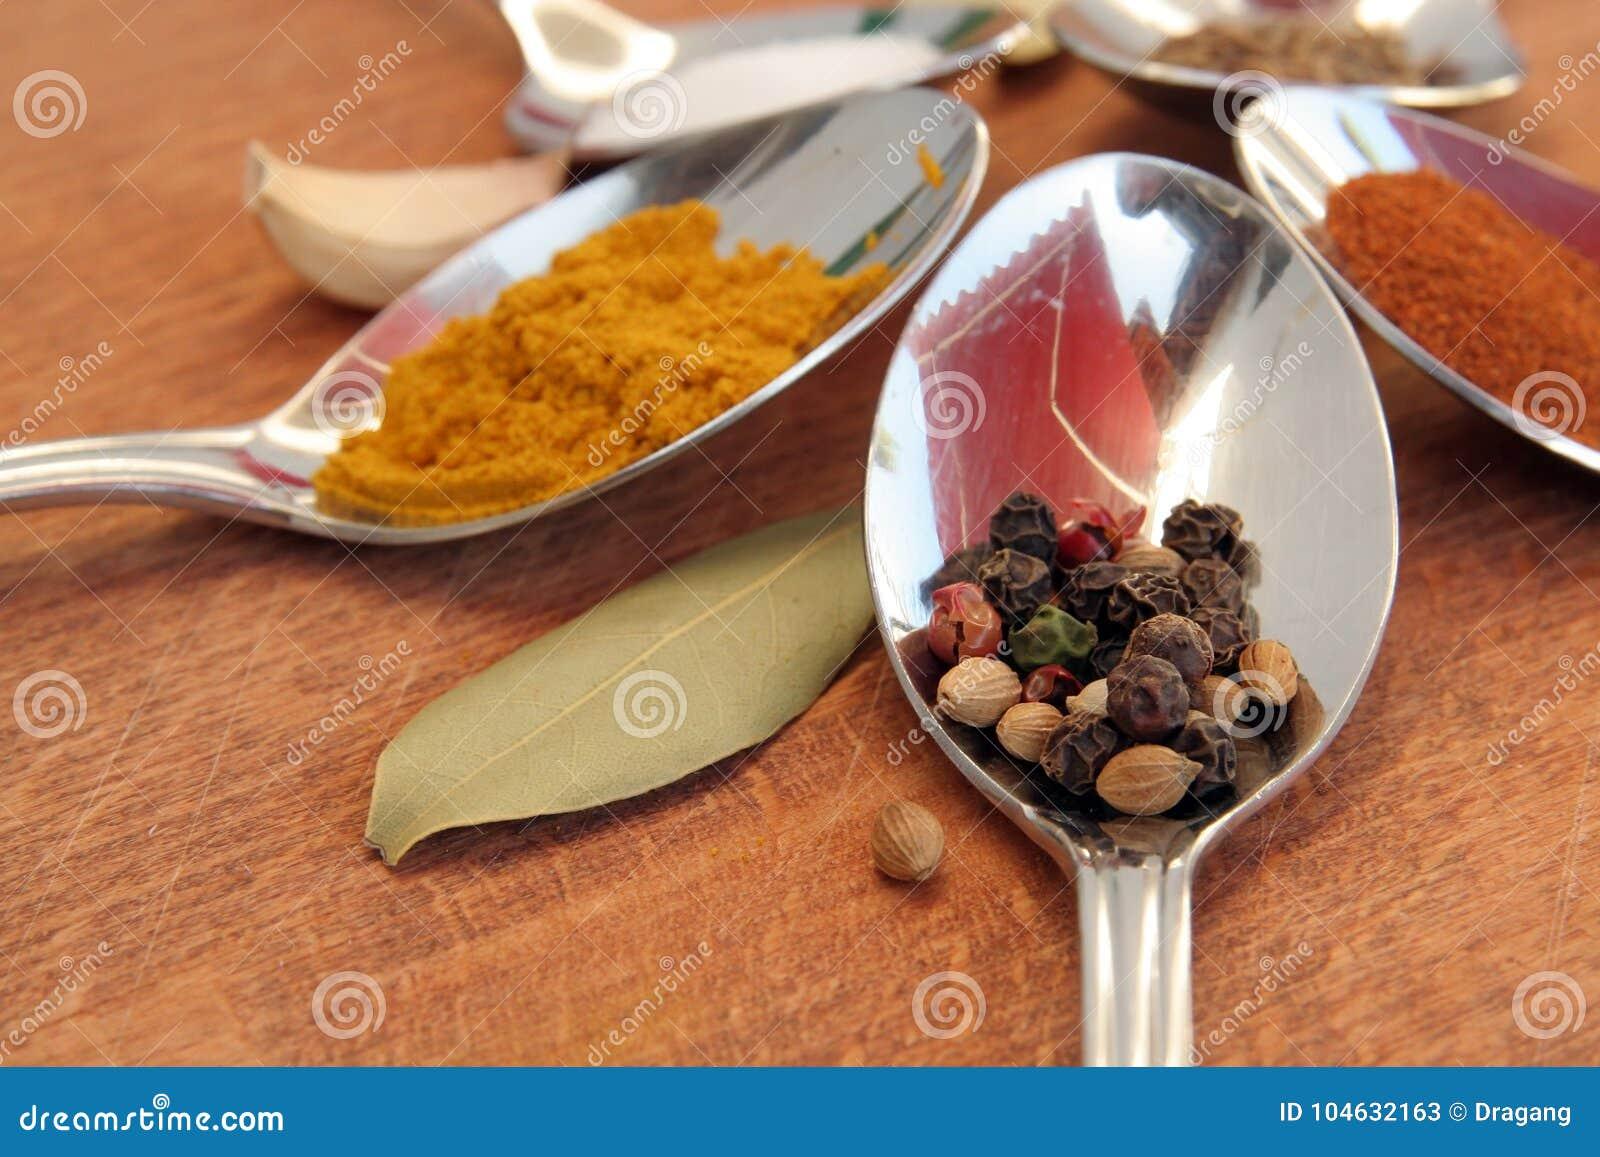 Download Kokende Kruiden Voedselkruiden Kruiden In Theelepeltjes Stock Afbeelding - Afbeelding bestaande uit groen, kleurrijk: 104632163